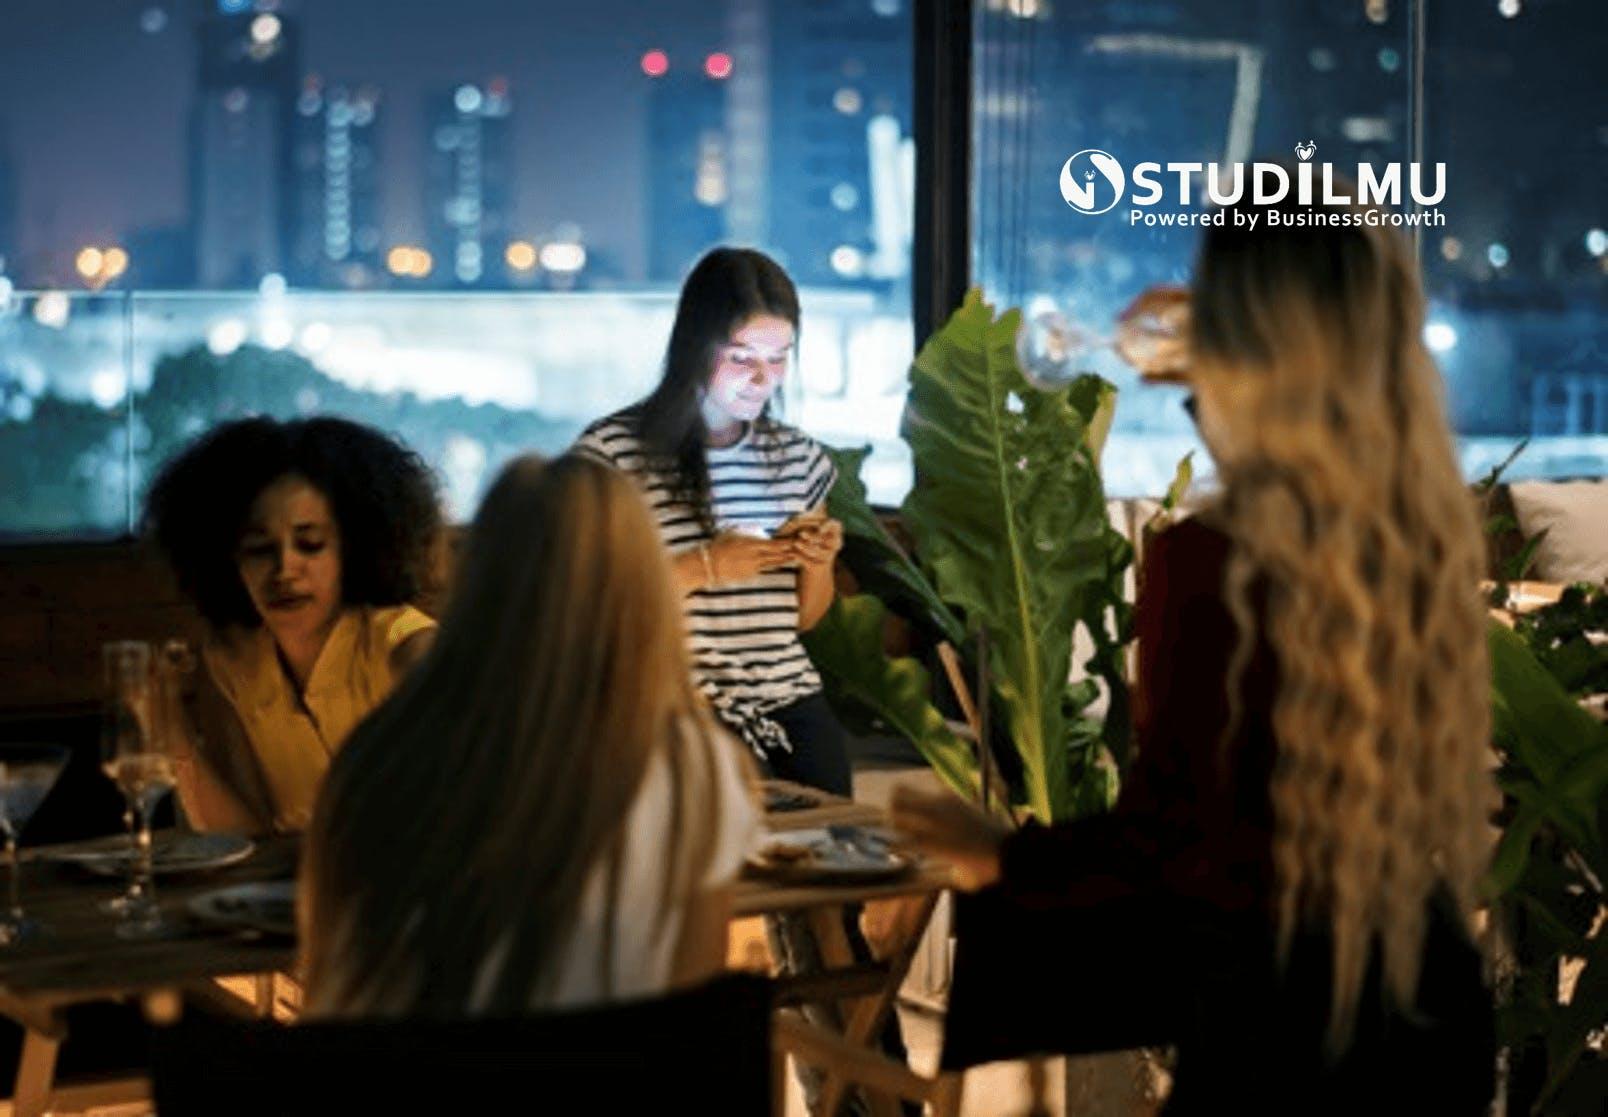 STUDILMU Career Advice - 3 Cara Perusahaan Merangkul Kaum Milenial atau Generasi Y